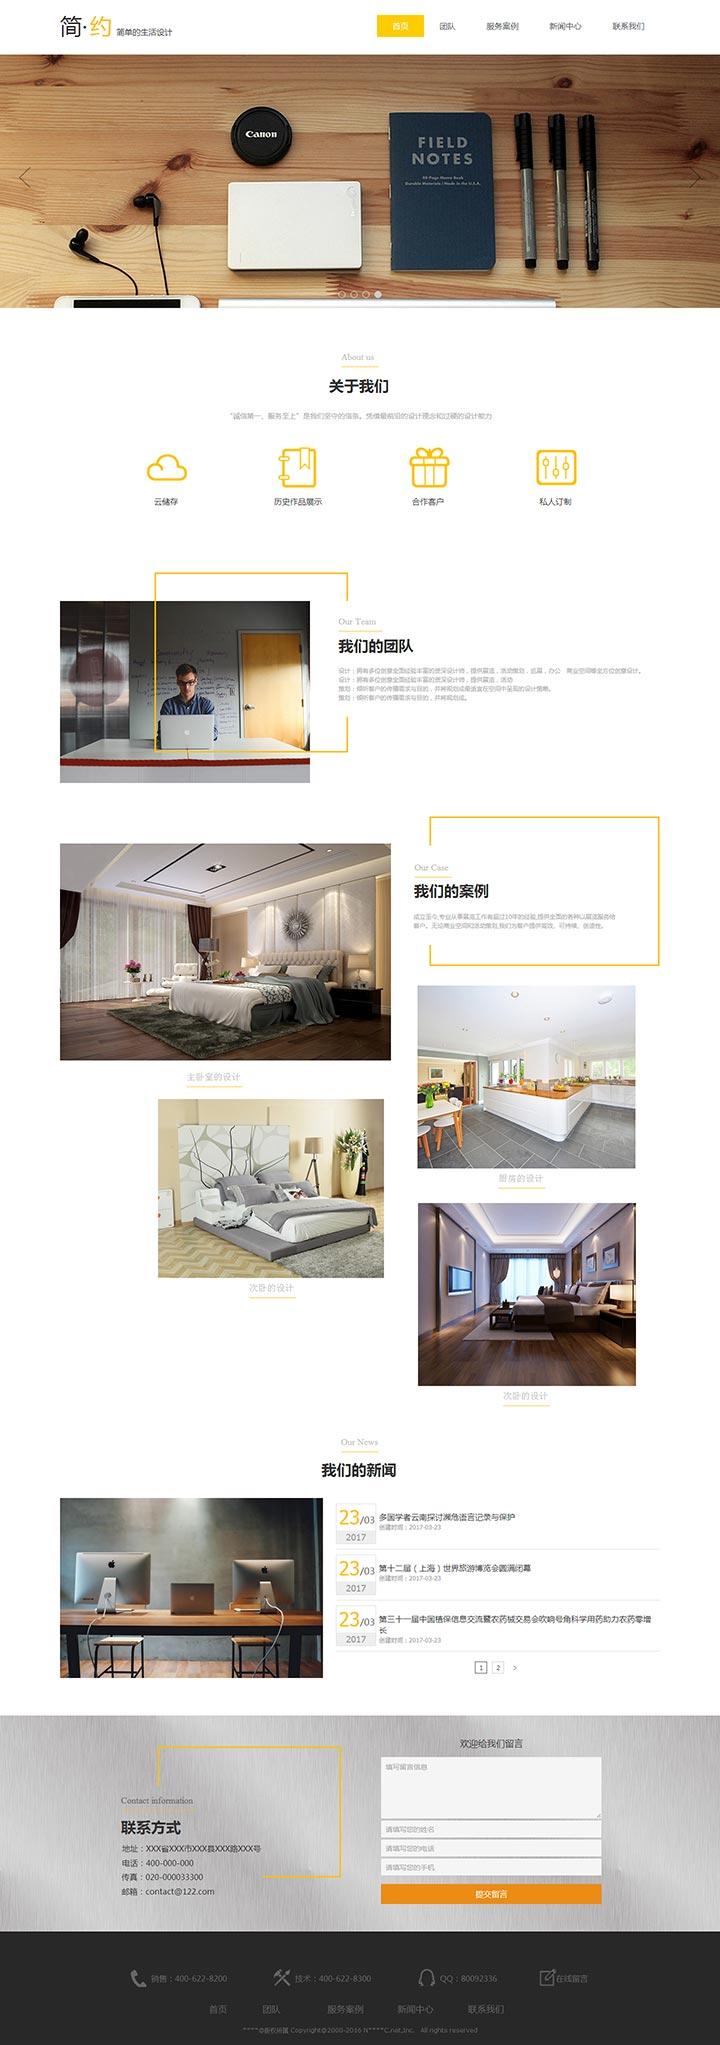 简约室内设计网站模板